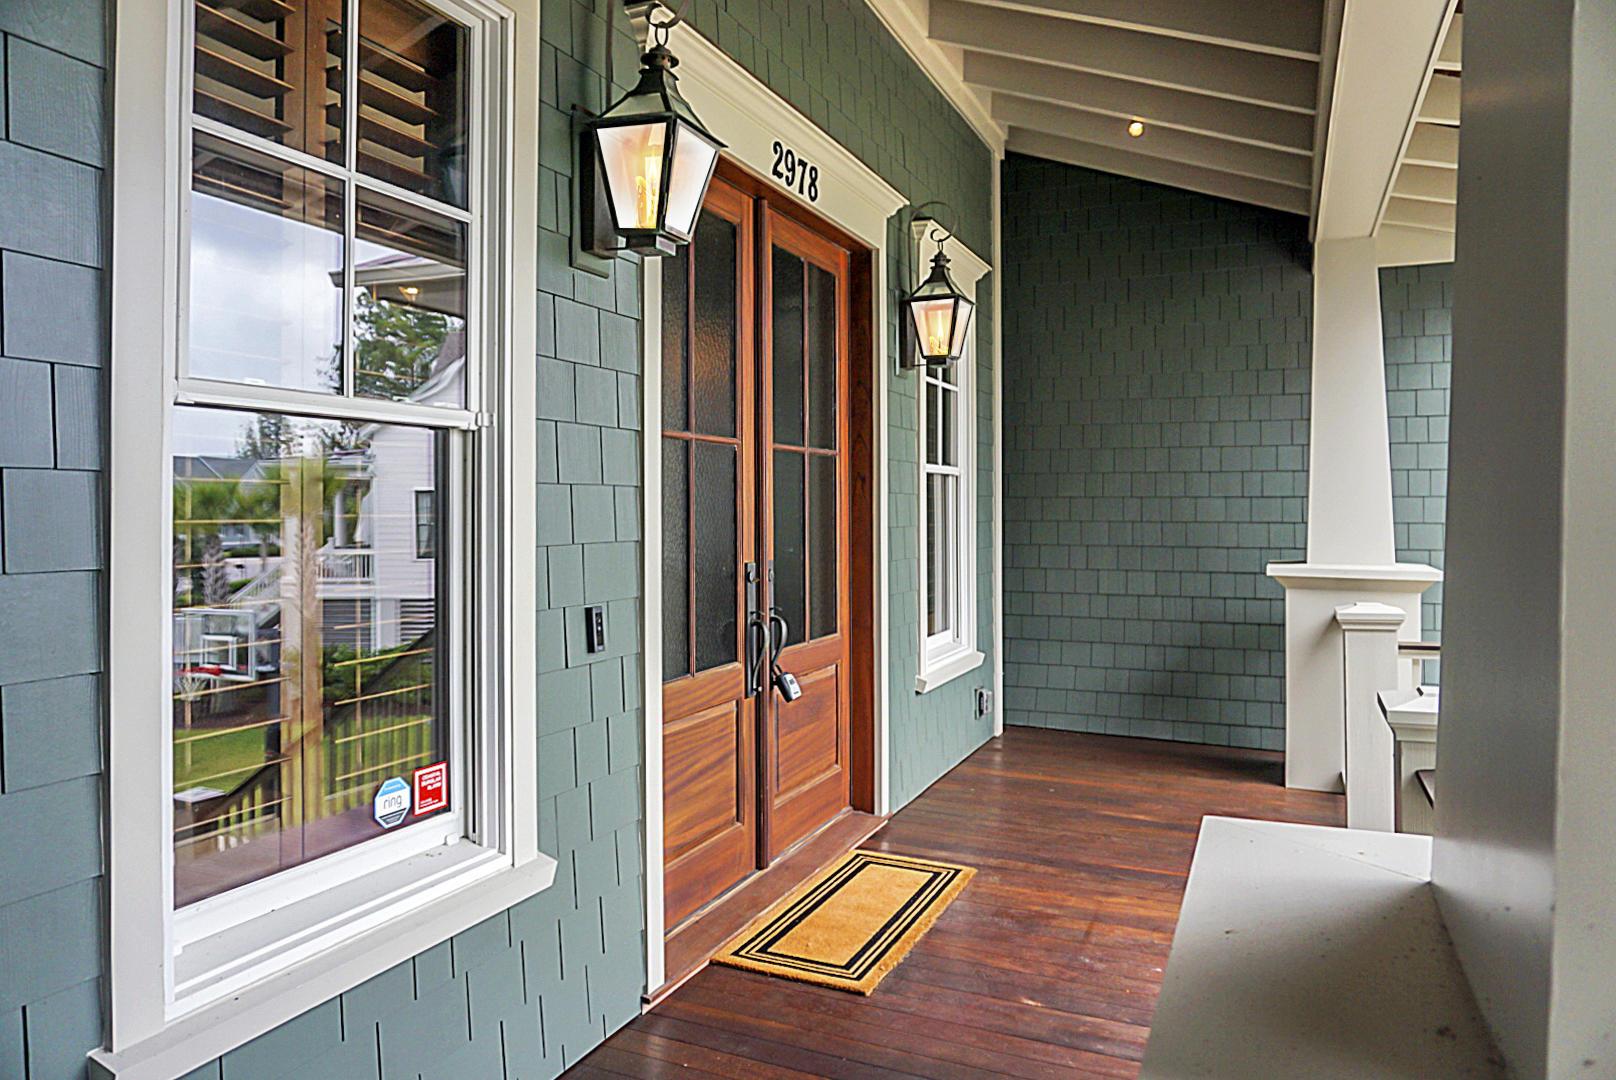 Dunes West Homes For Sale - 2978 River Vista, Mount Pleasant, SC - 16